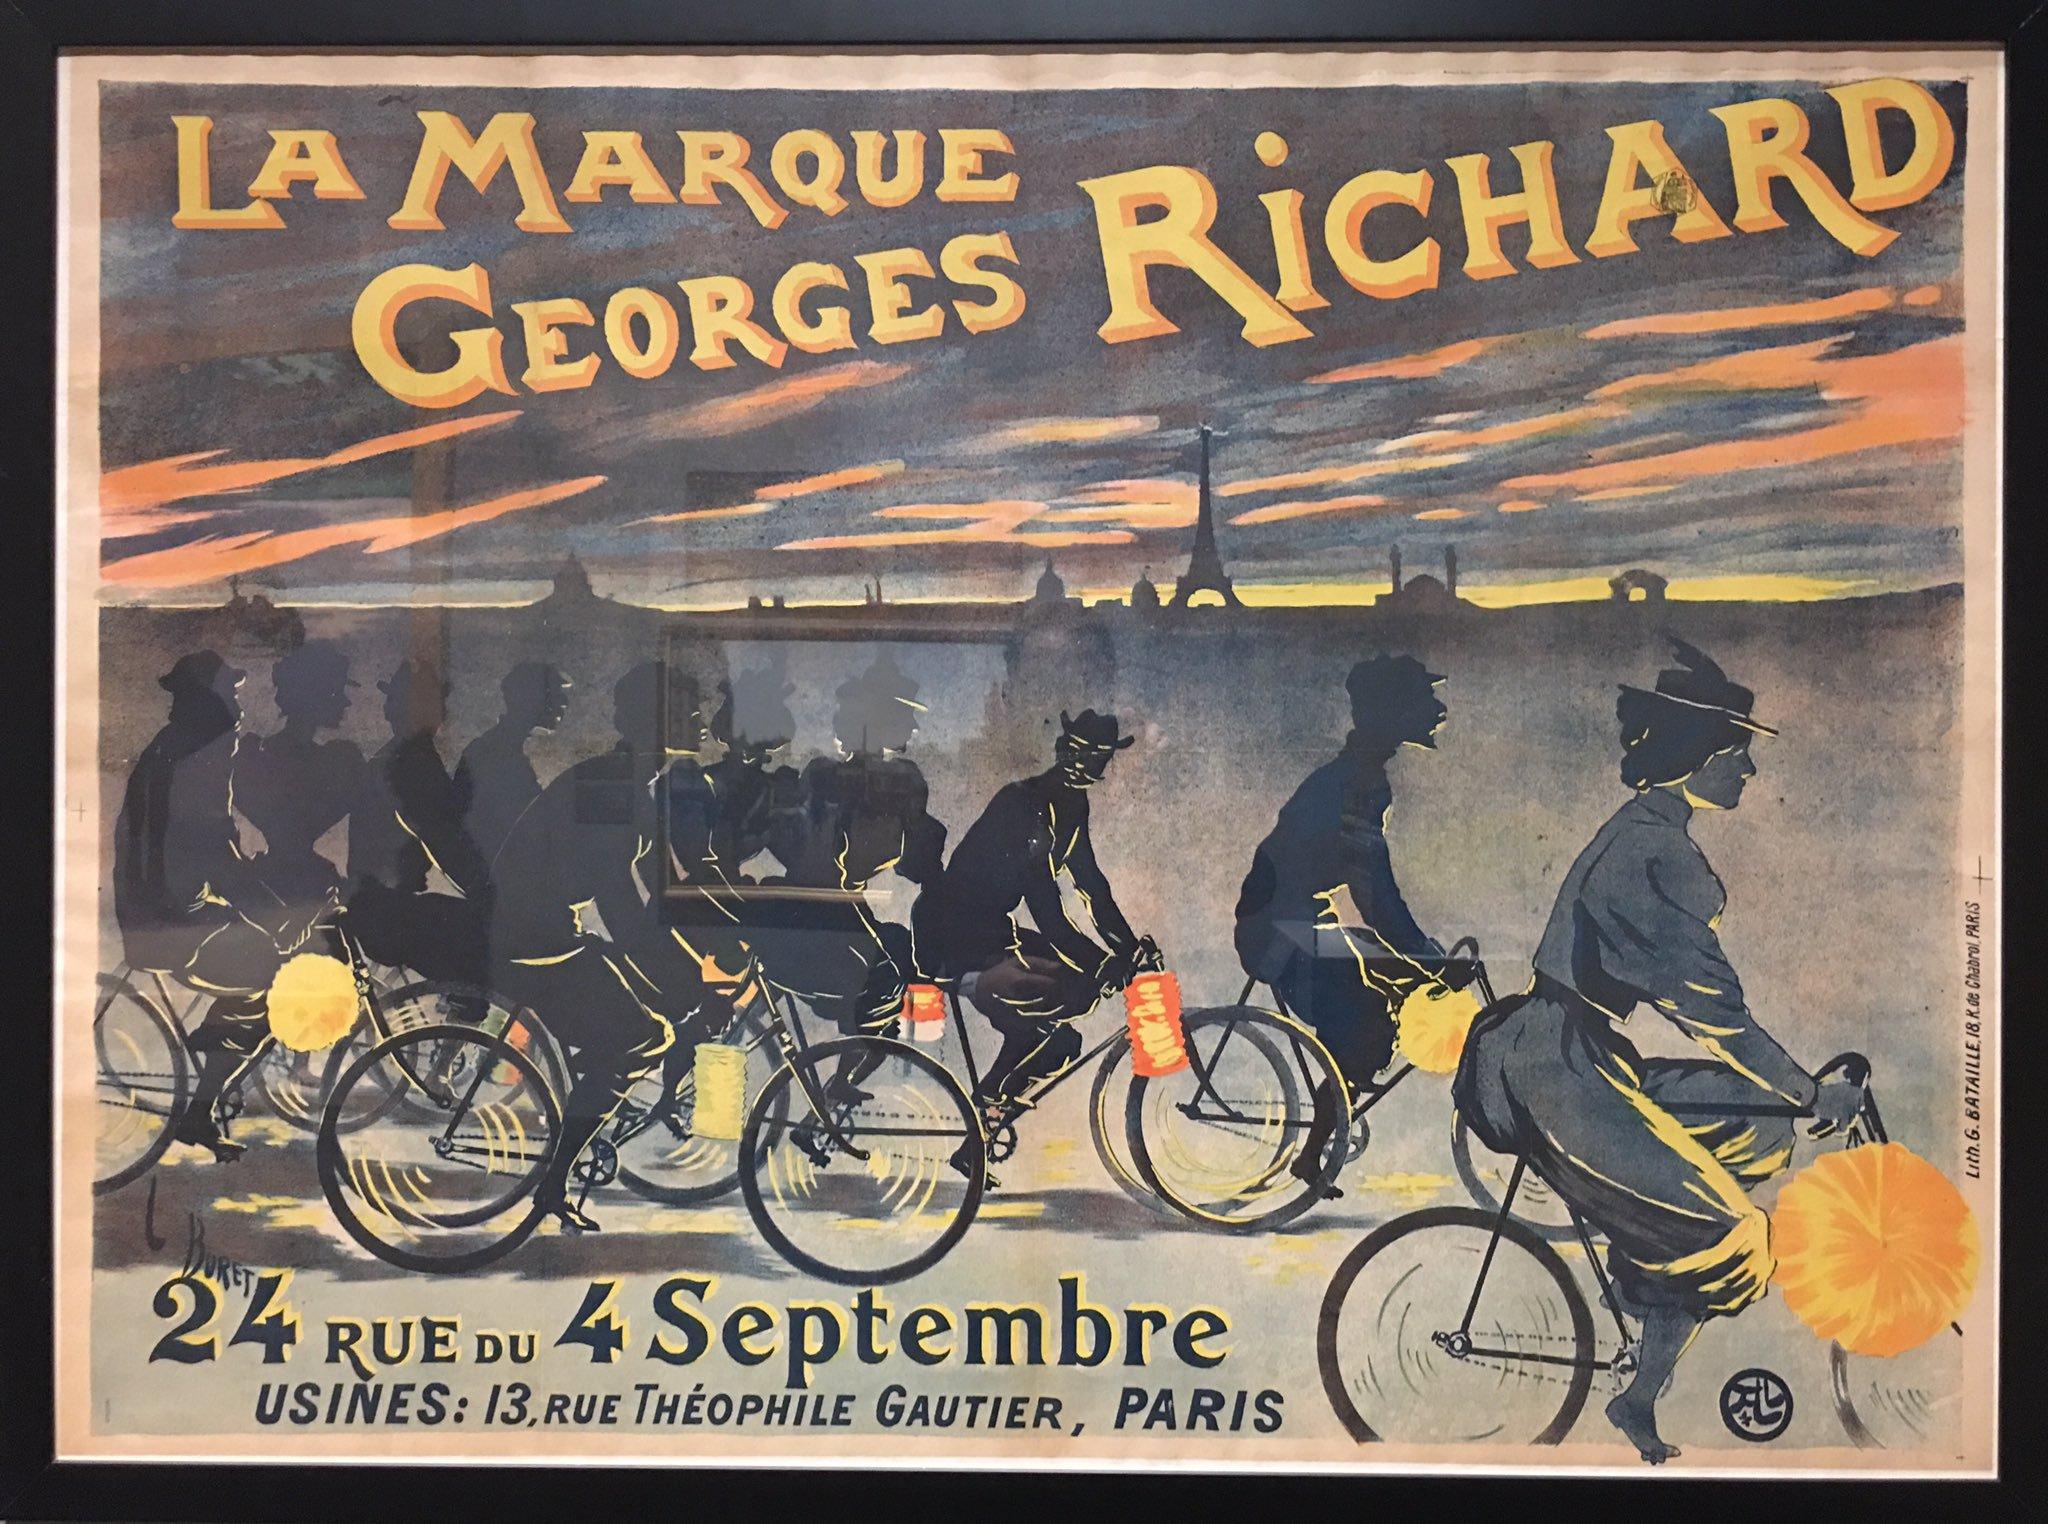 1 Paris-1900-Jean-Leonce Burret-Bicycles